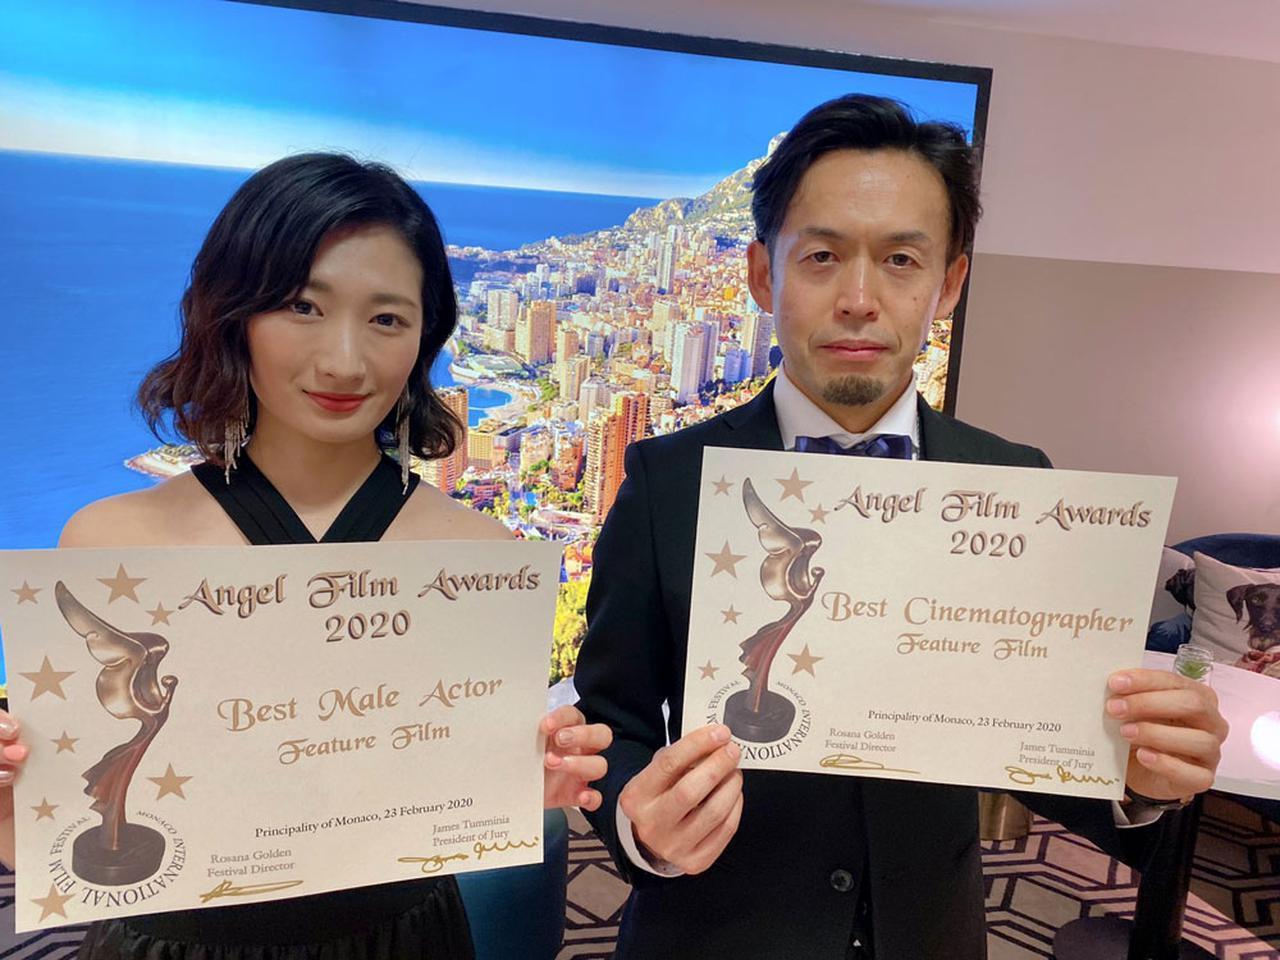 画像1: 映画「いざなぎ暮れた。」、モナコ国際映画祭2冠達成!!